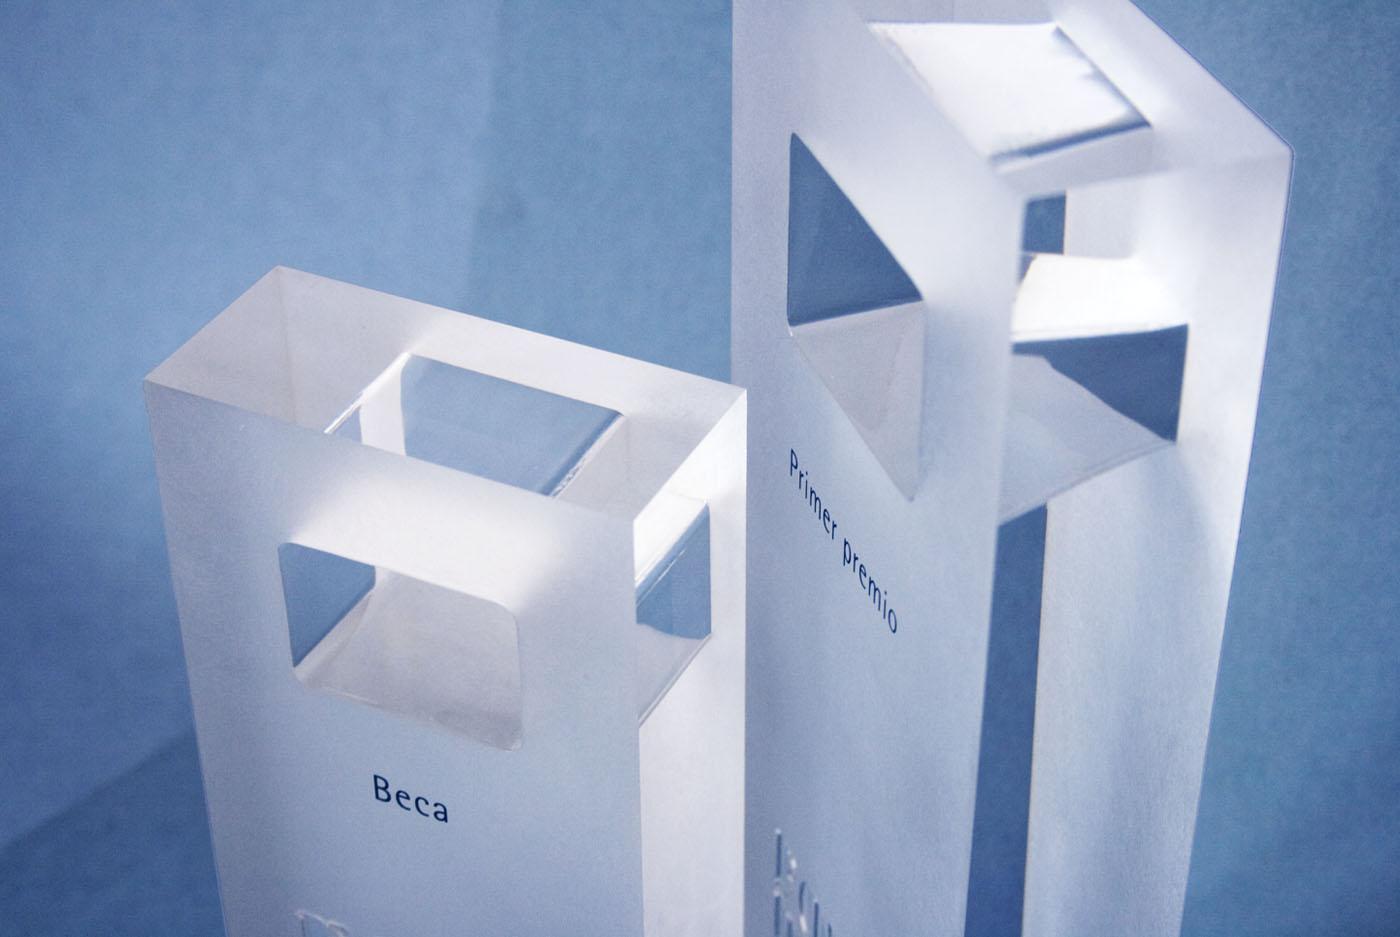 fotopres-trofeo-fundacio-la-caixa-producte-creartiva-premi